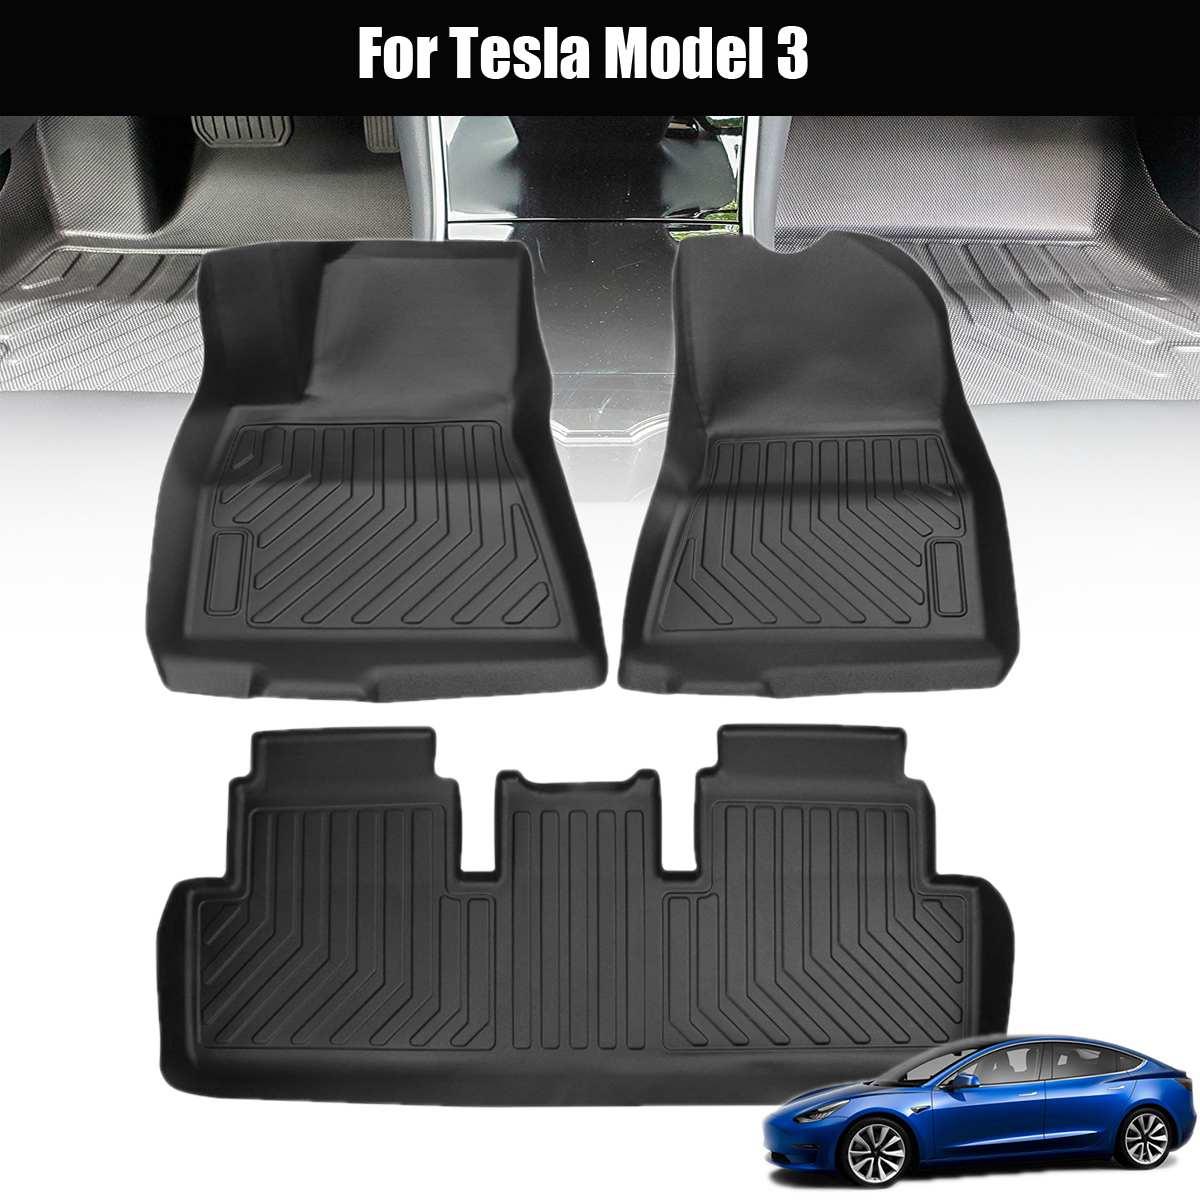 Audew pour Tesla modèle 3 TPO avant et arrière noir 3 pièces tapis de sol de voiture personnalisé adapté à tous les temps tapis de sol couverture imperméable à l'eau Durable